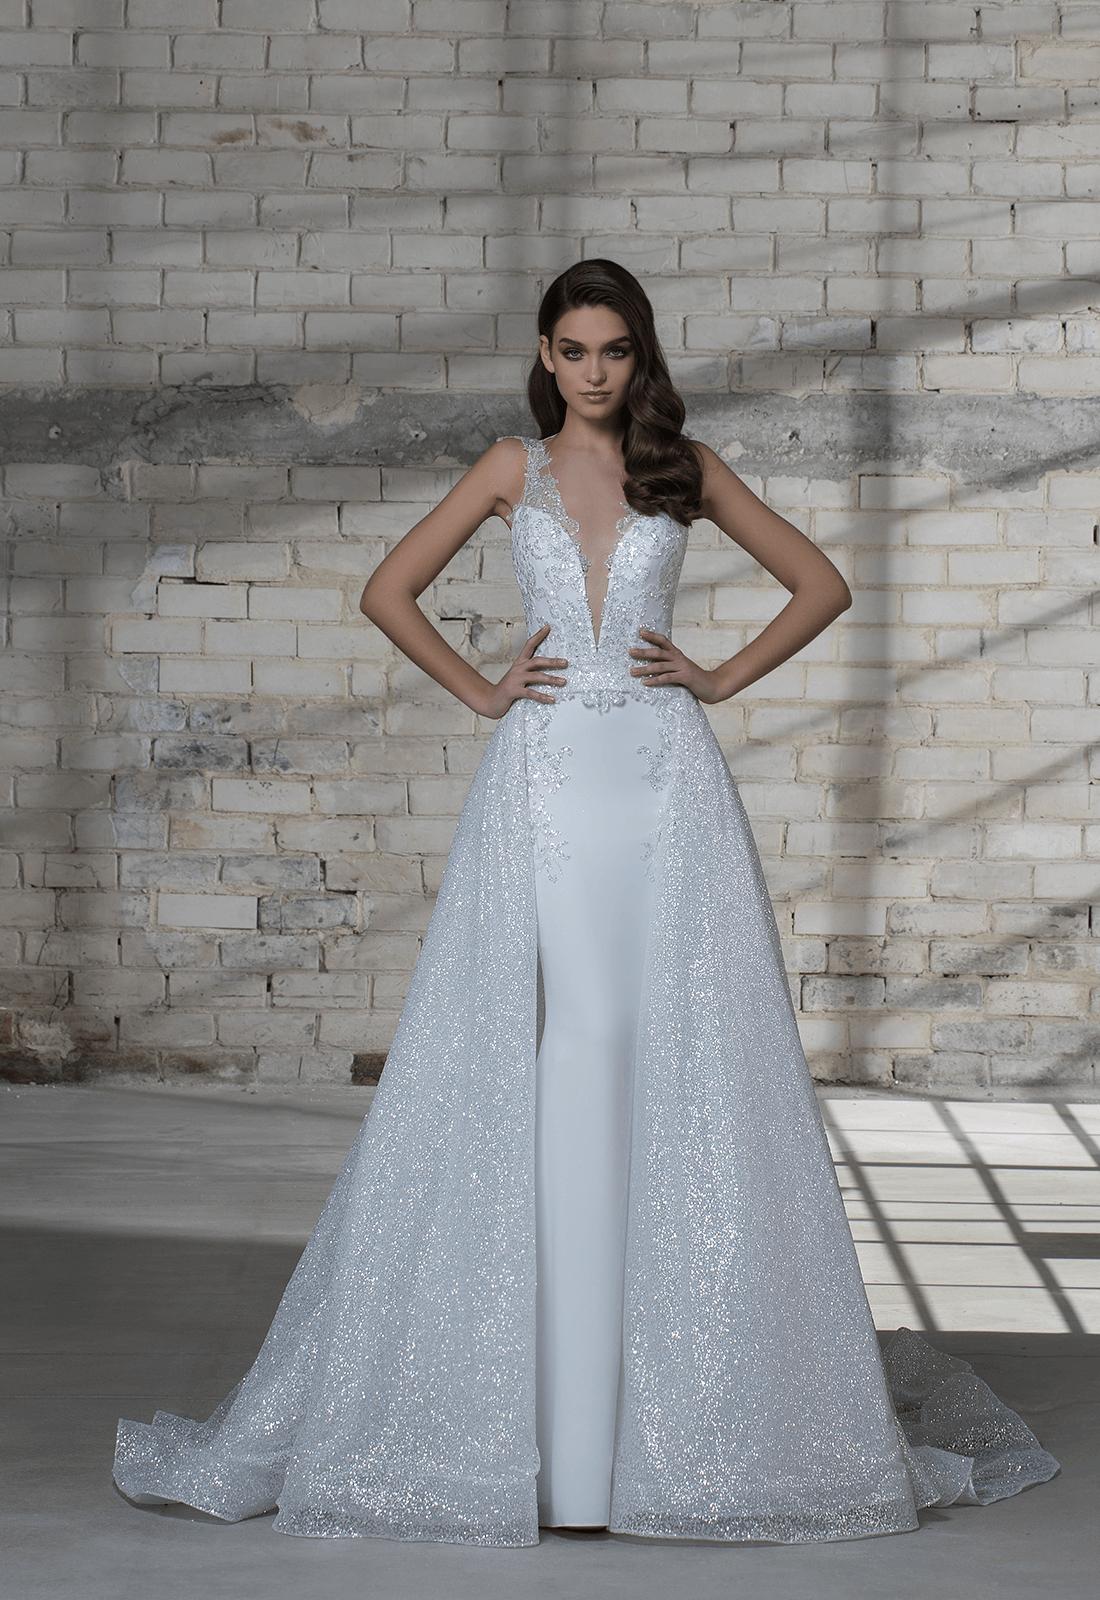 Pnina Tornai Pnina Tornai Wedding Dress Wedding Dresses Pnina Wedding Dresses